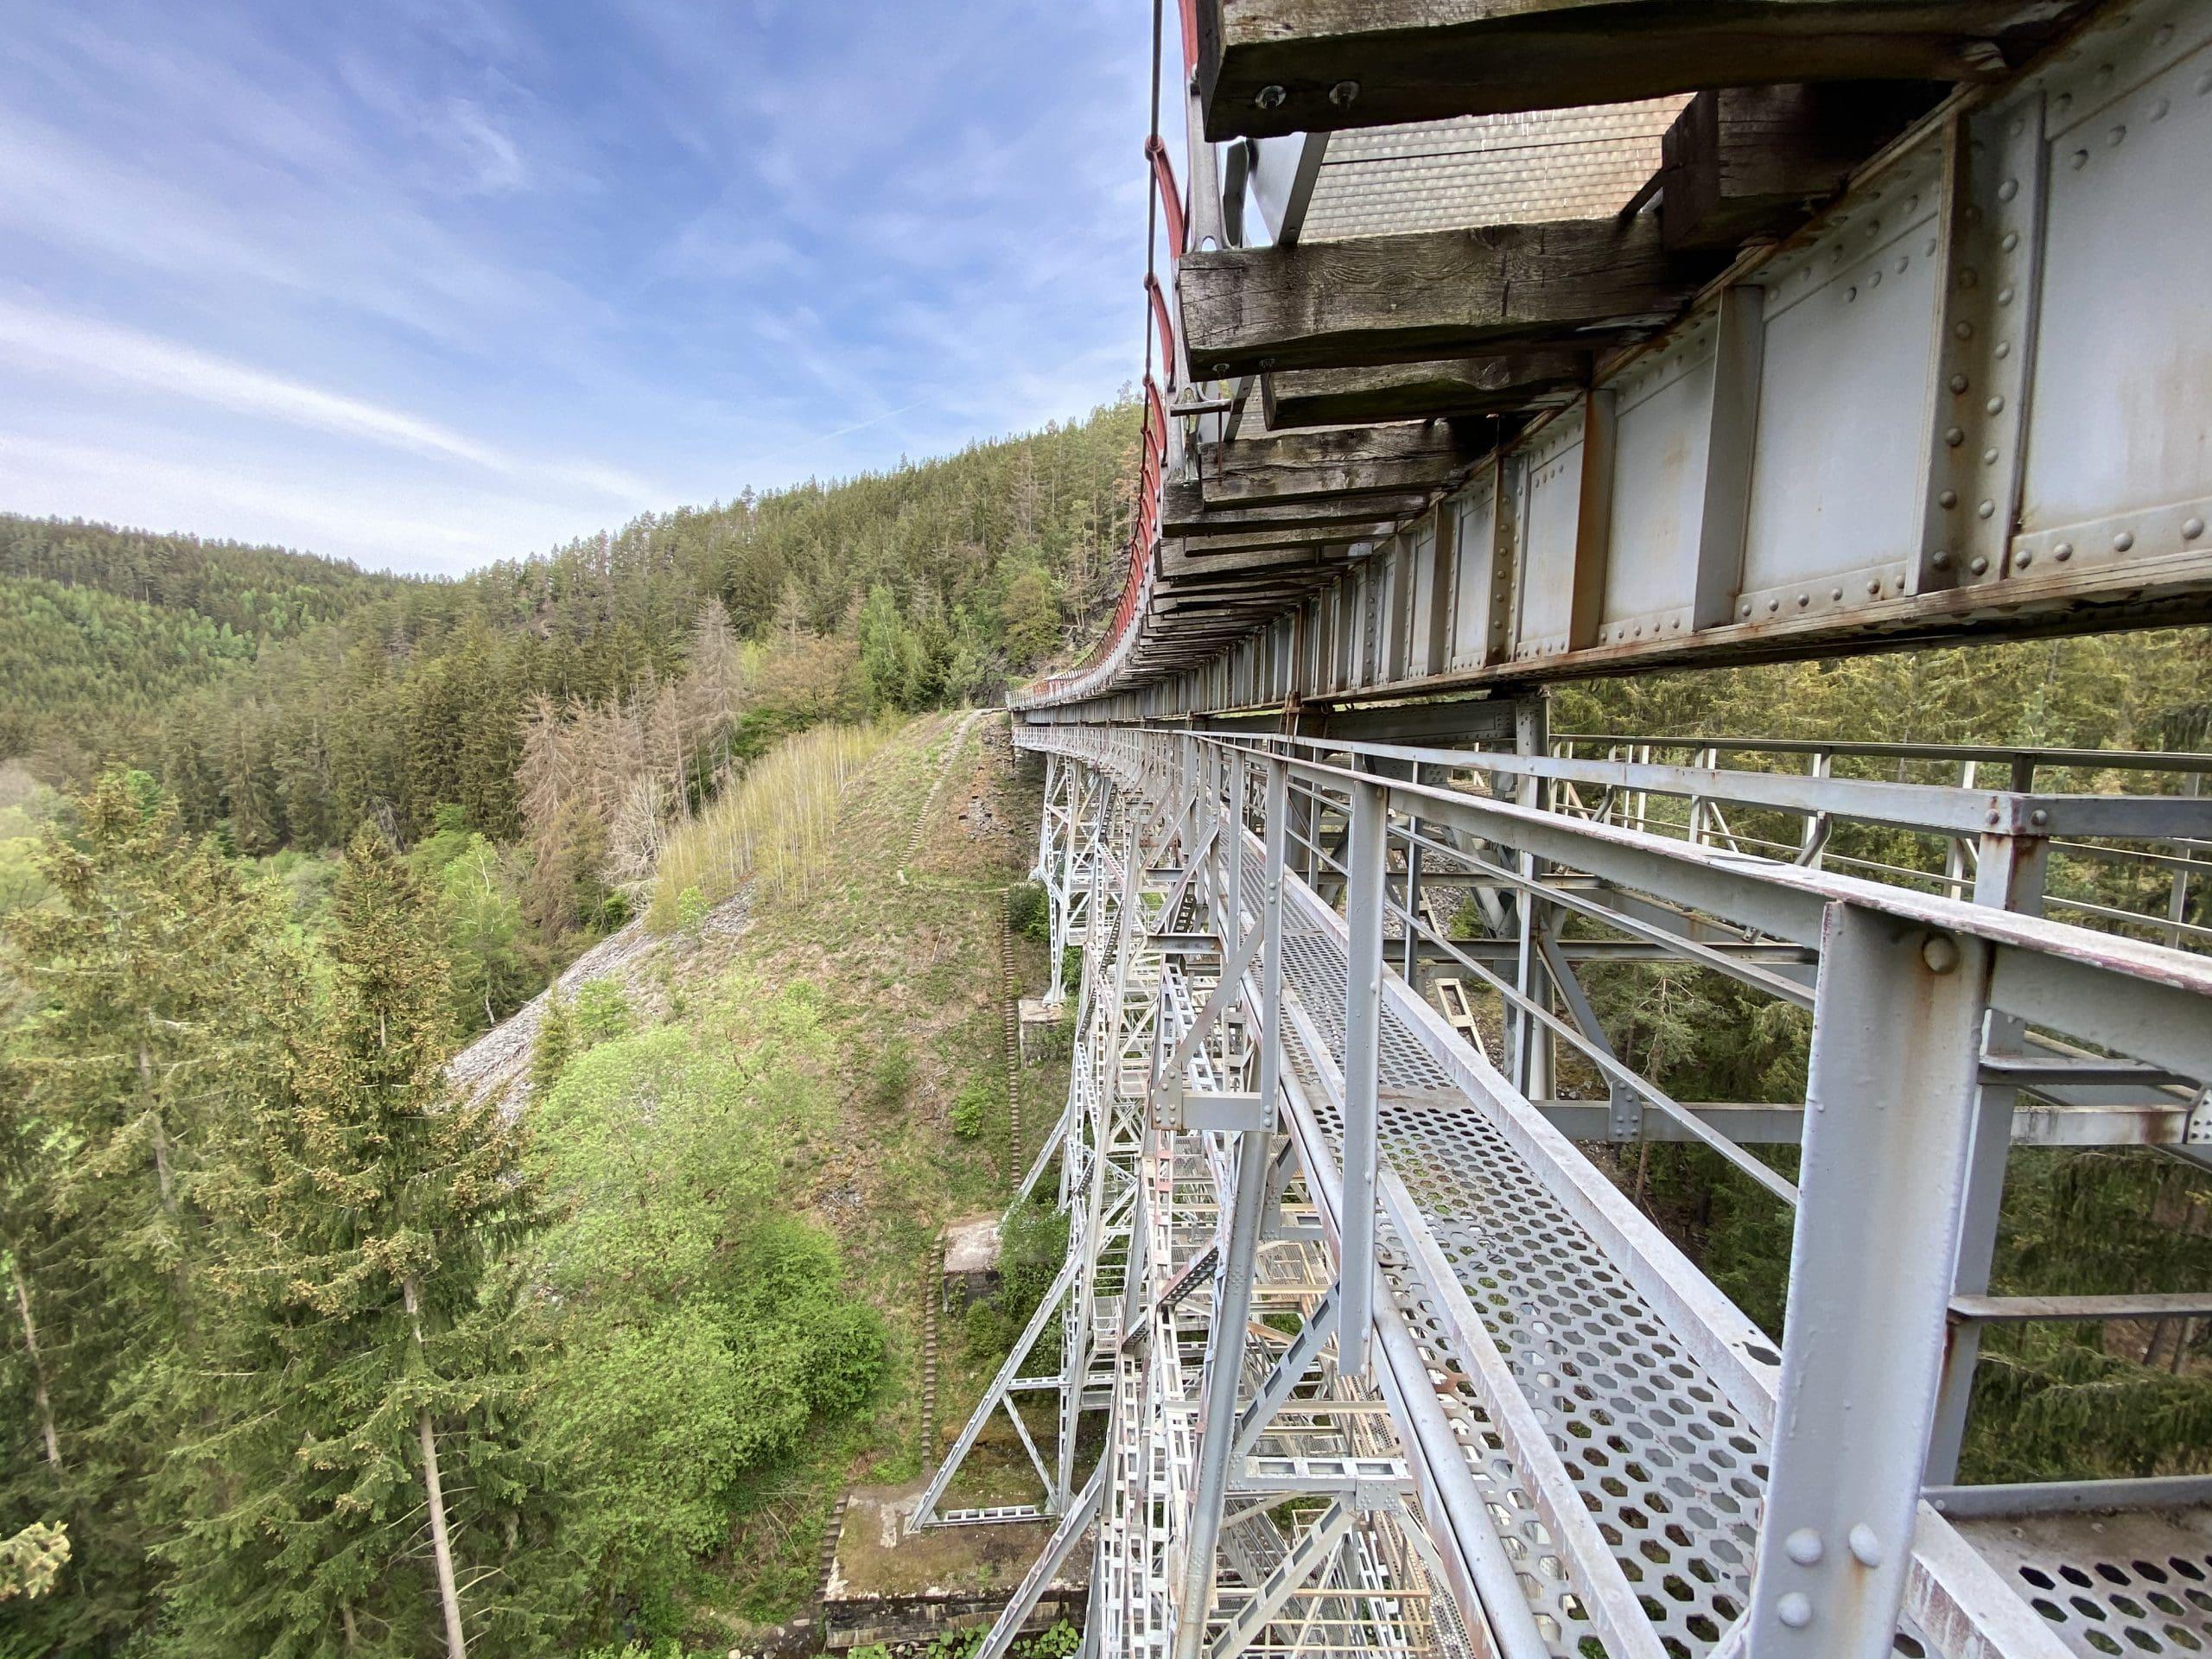 ©Foto: Jan Krehl | railmen | Die Ziemestalbrücke ist ein Stahlviadukt mit 115m Länge und 32m Höhe. Es liegt in einem Gleisbogen mit einem Radius von 193m und hat 2 Promille Gefälle. Der klassische Eisenbahnverkehr ist seit vielen Jahren eingestellt. Ein Verein kämpft derzeit für die Wiederinbetriebnahme der Strecke und Brücke.